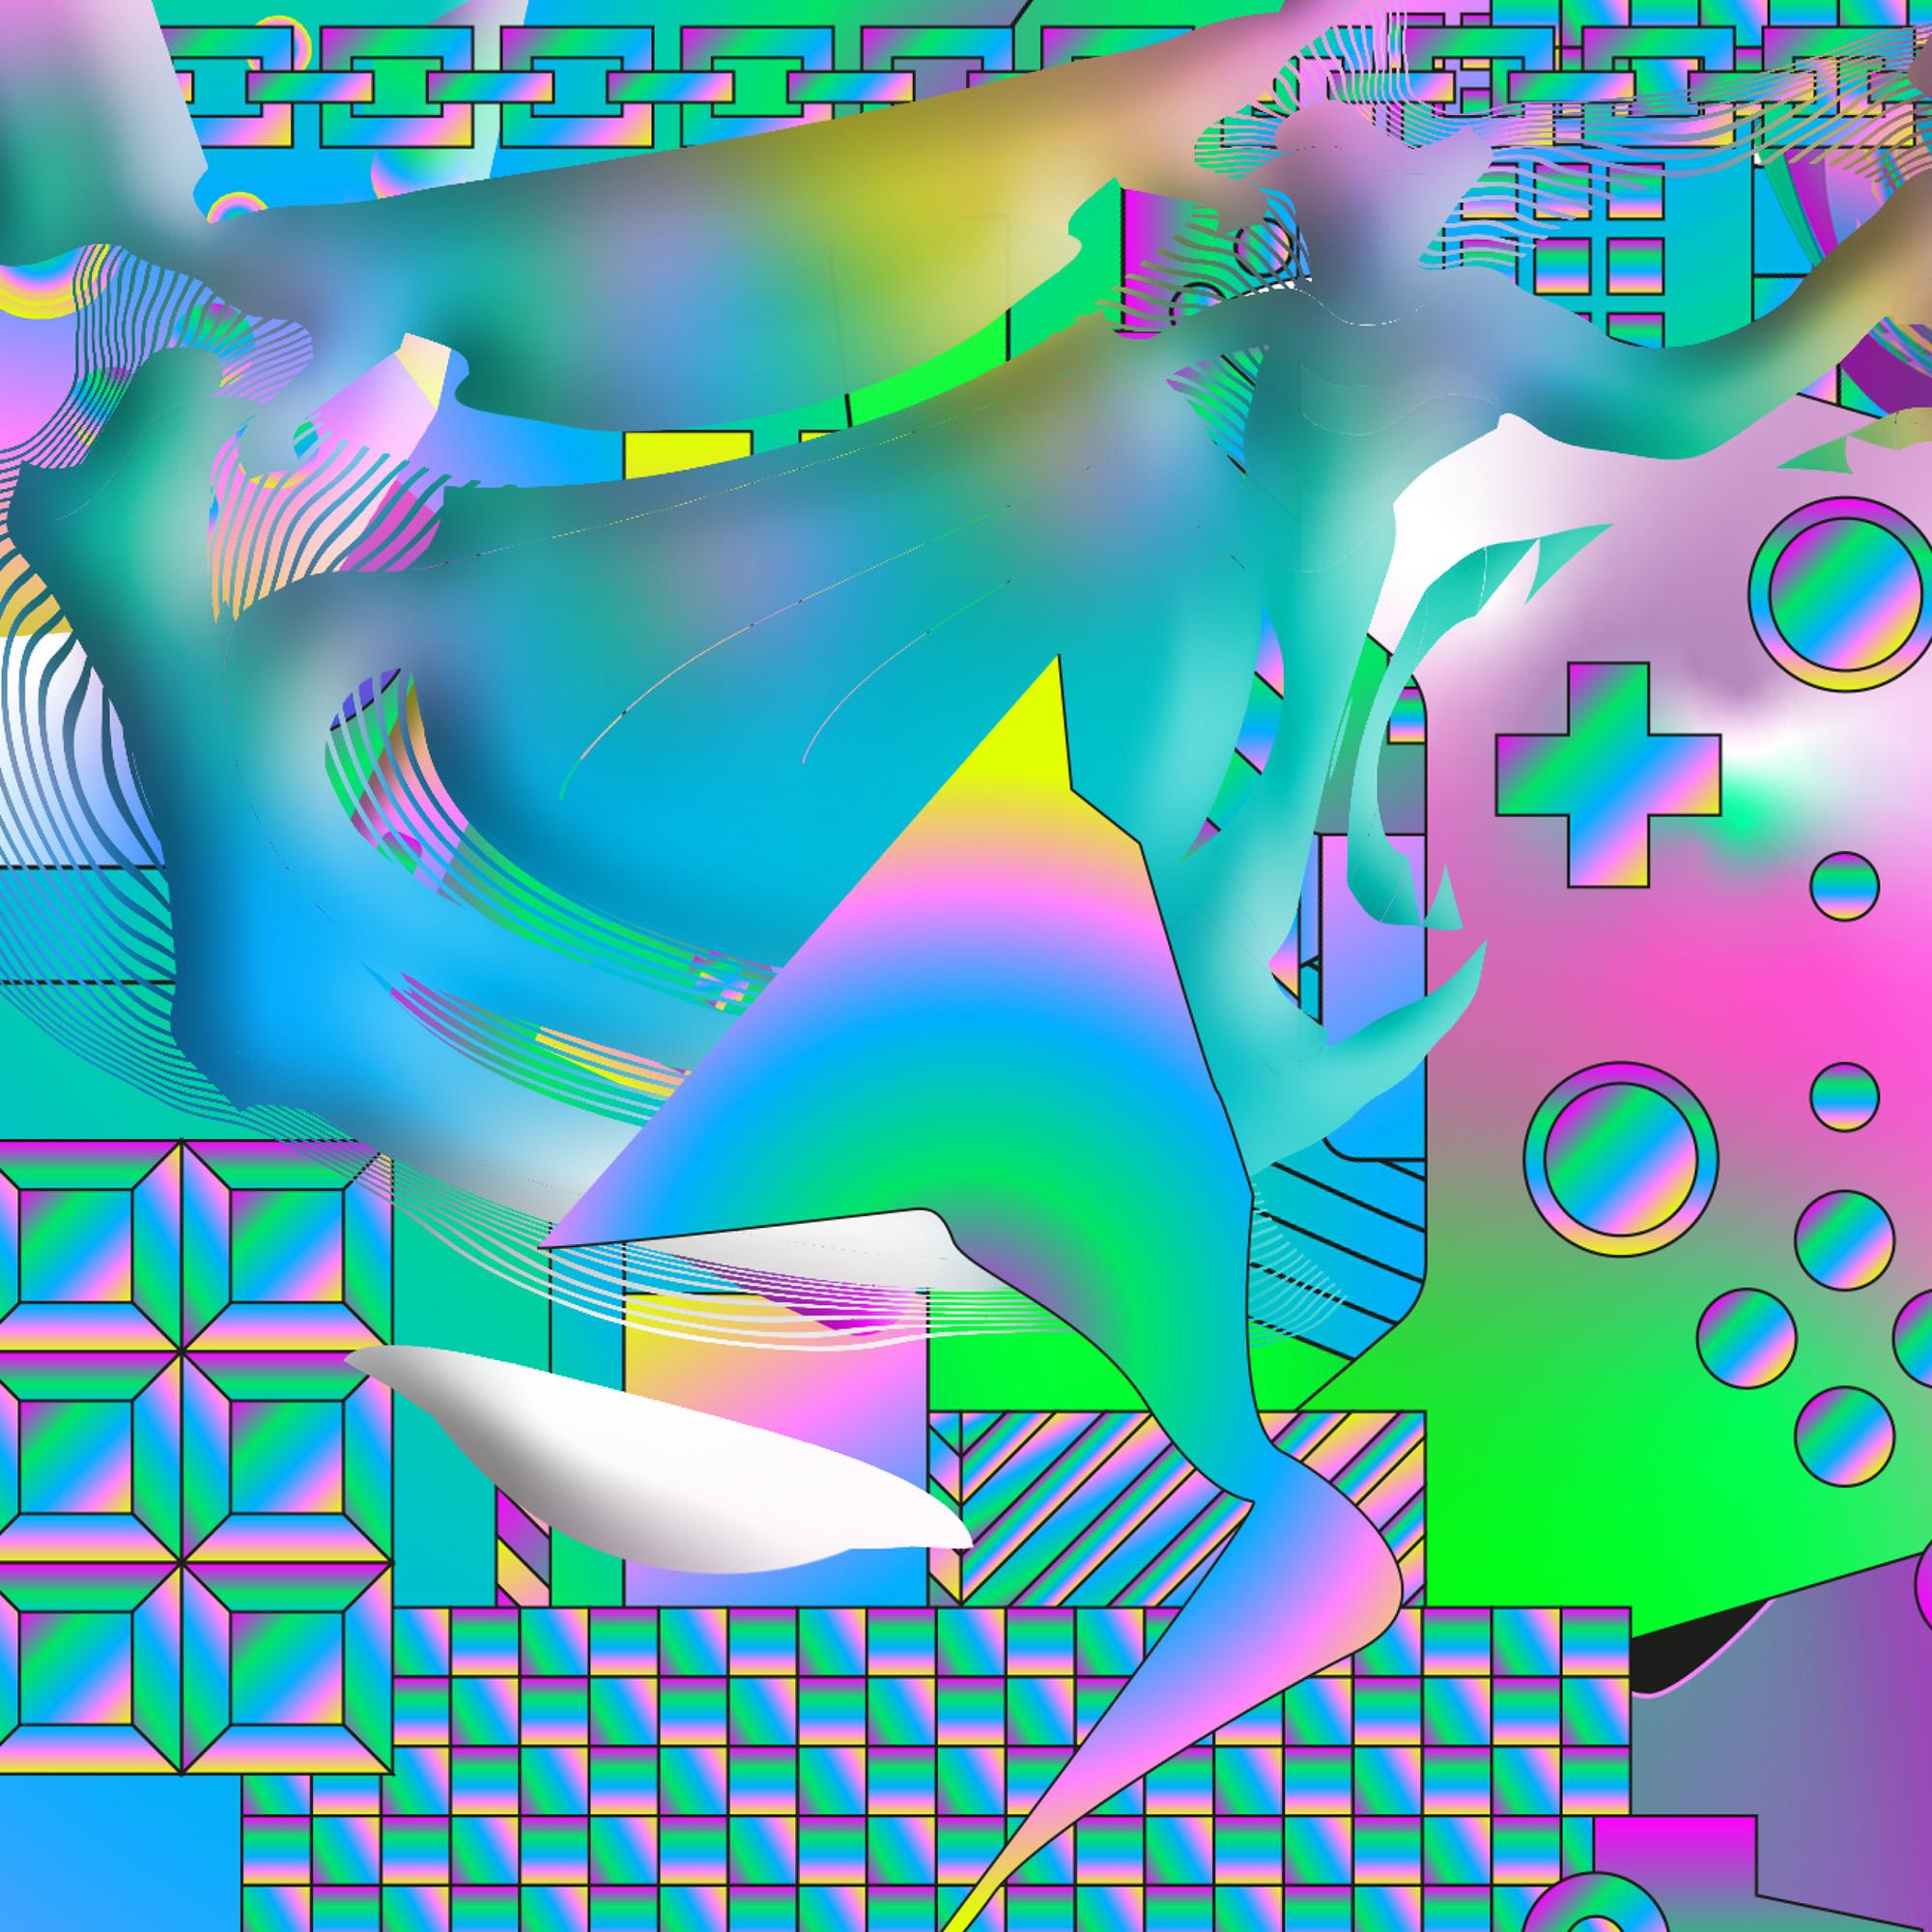 19_4.jpg